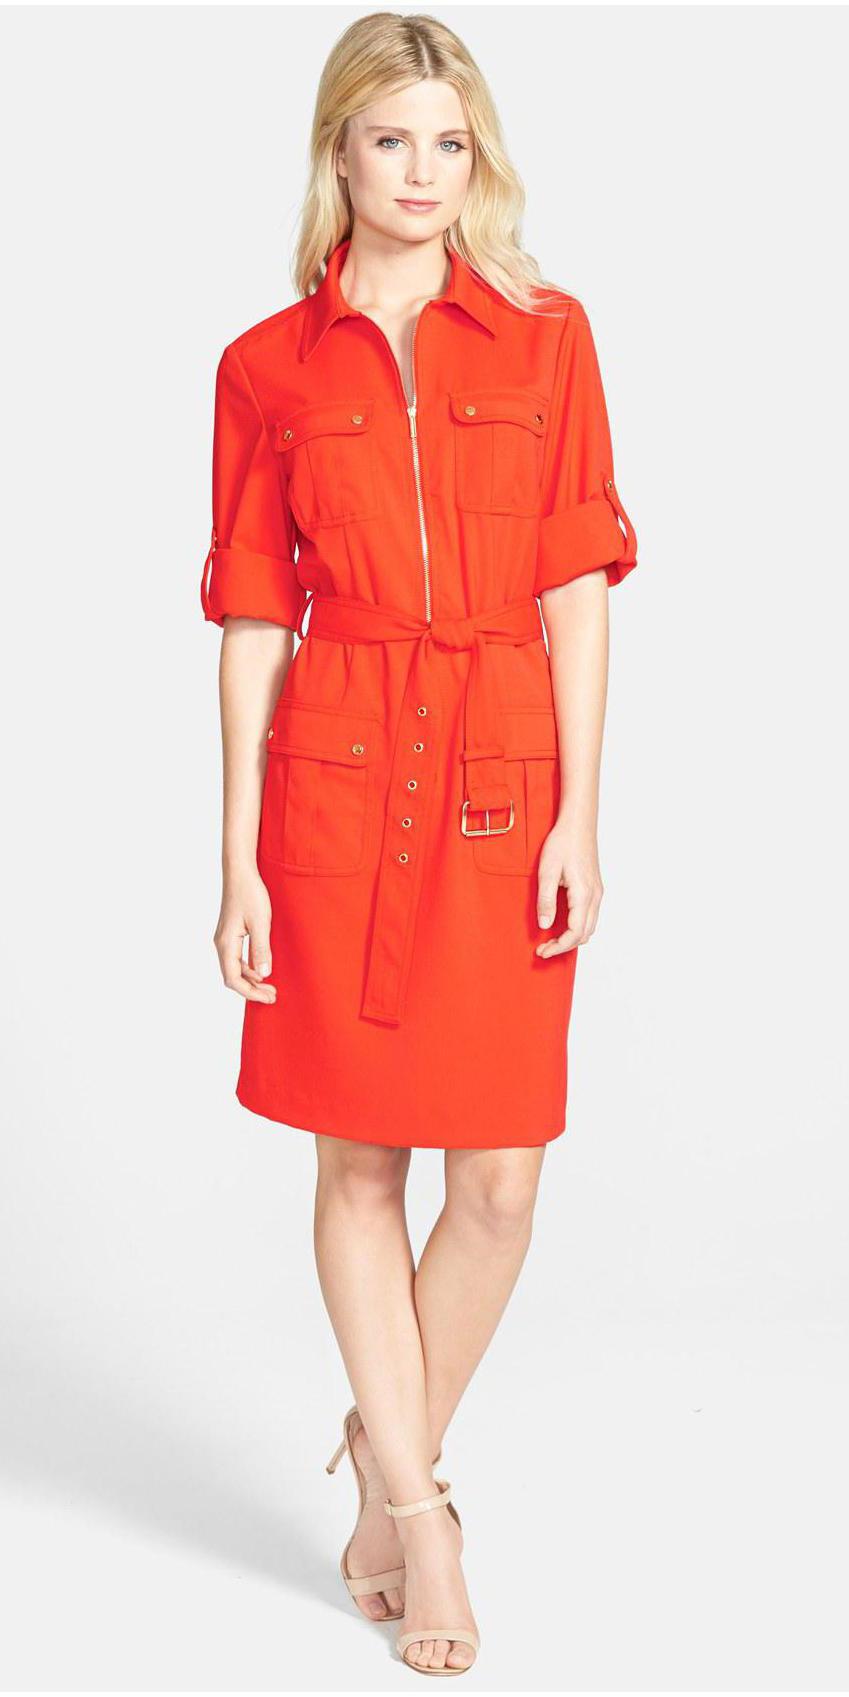 orange-dress-shirt-tan-shoe-sandalh-blonde-spring-summer-work.jpg